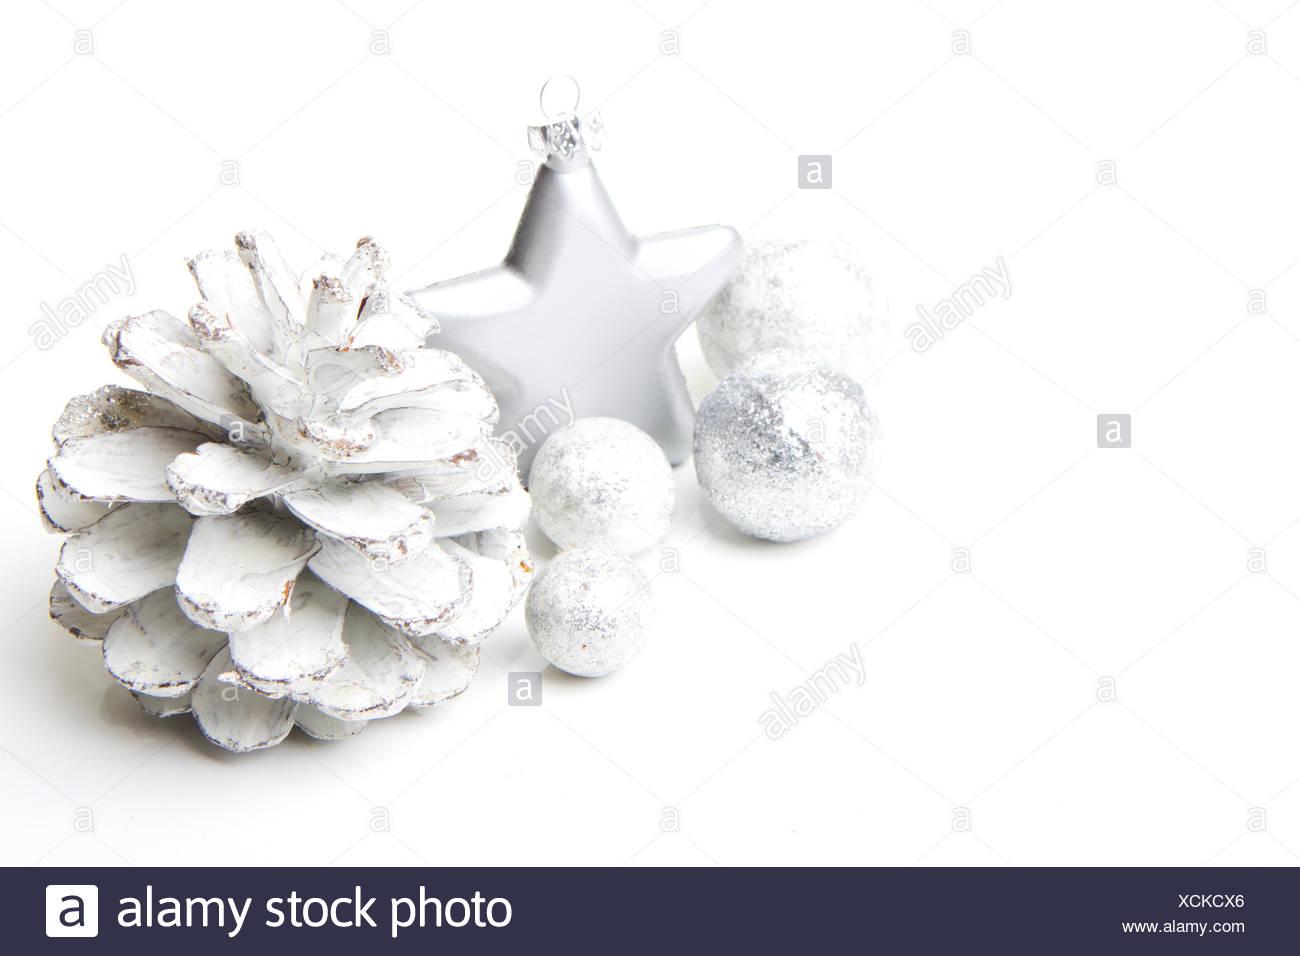 Weihnachten, Dekoration mit Tannenzapfen, Weihnachtsstern silber ...